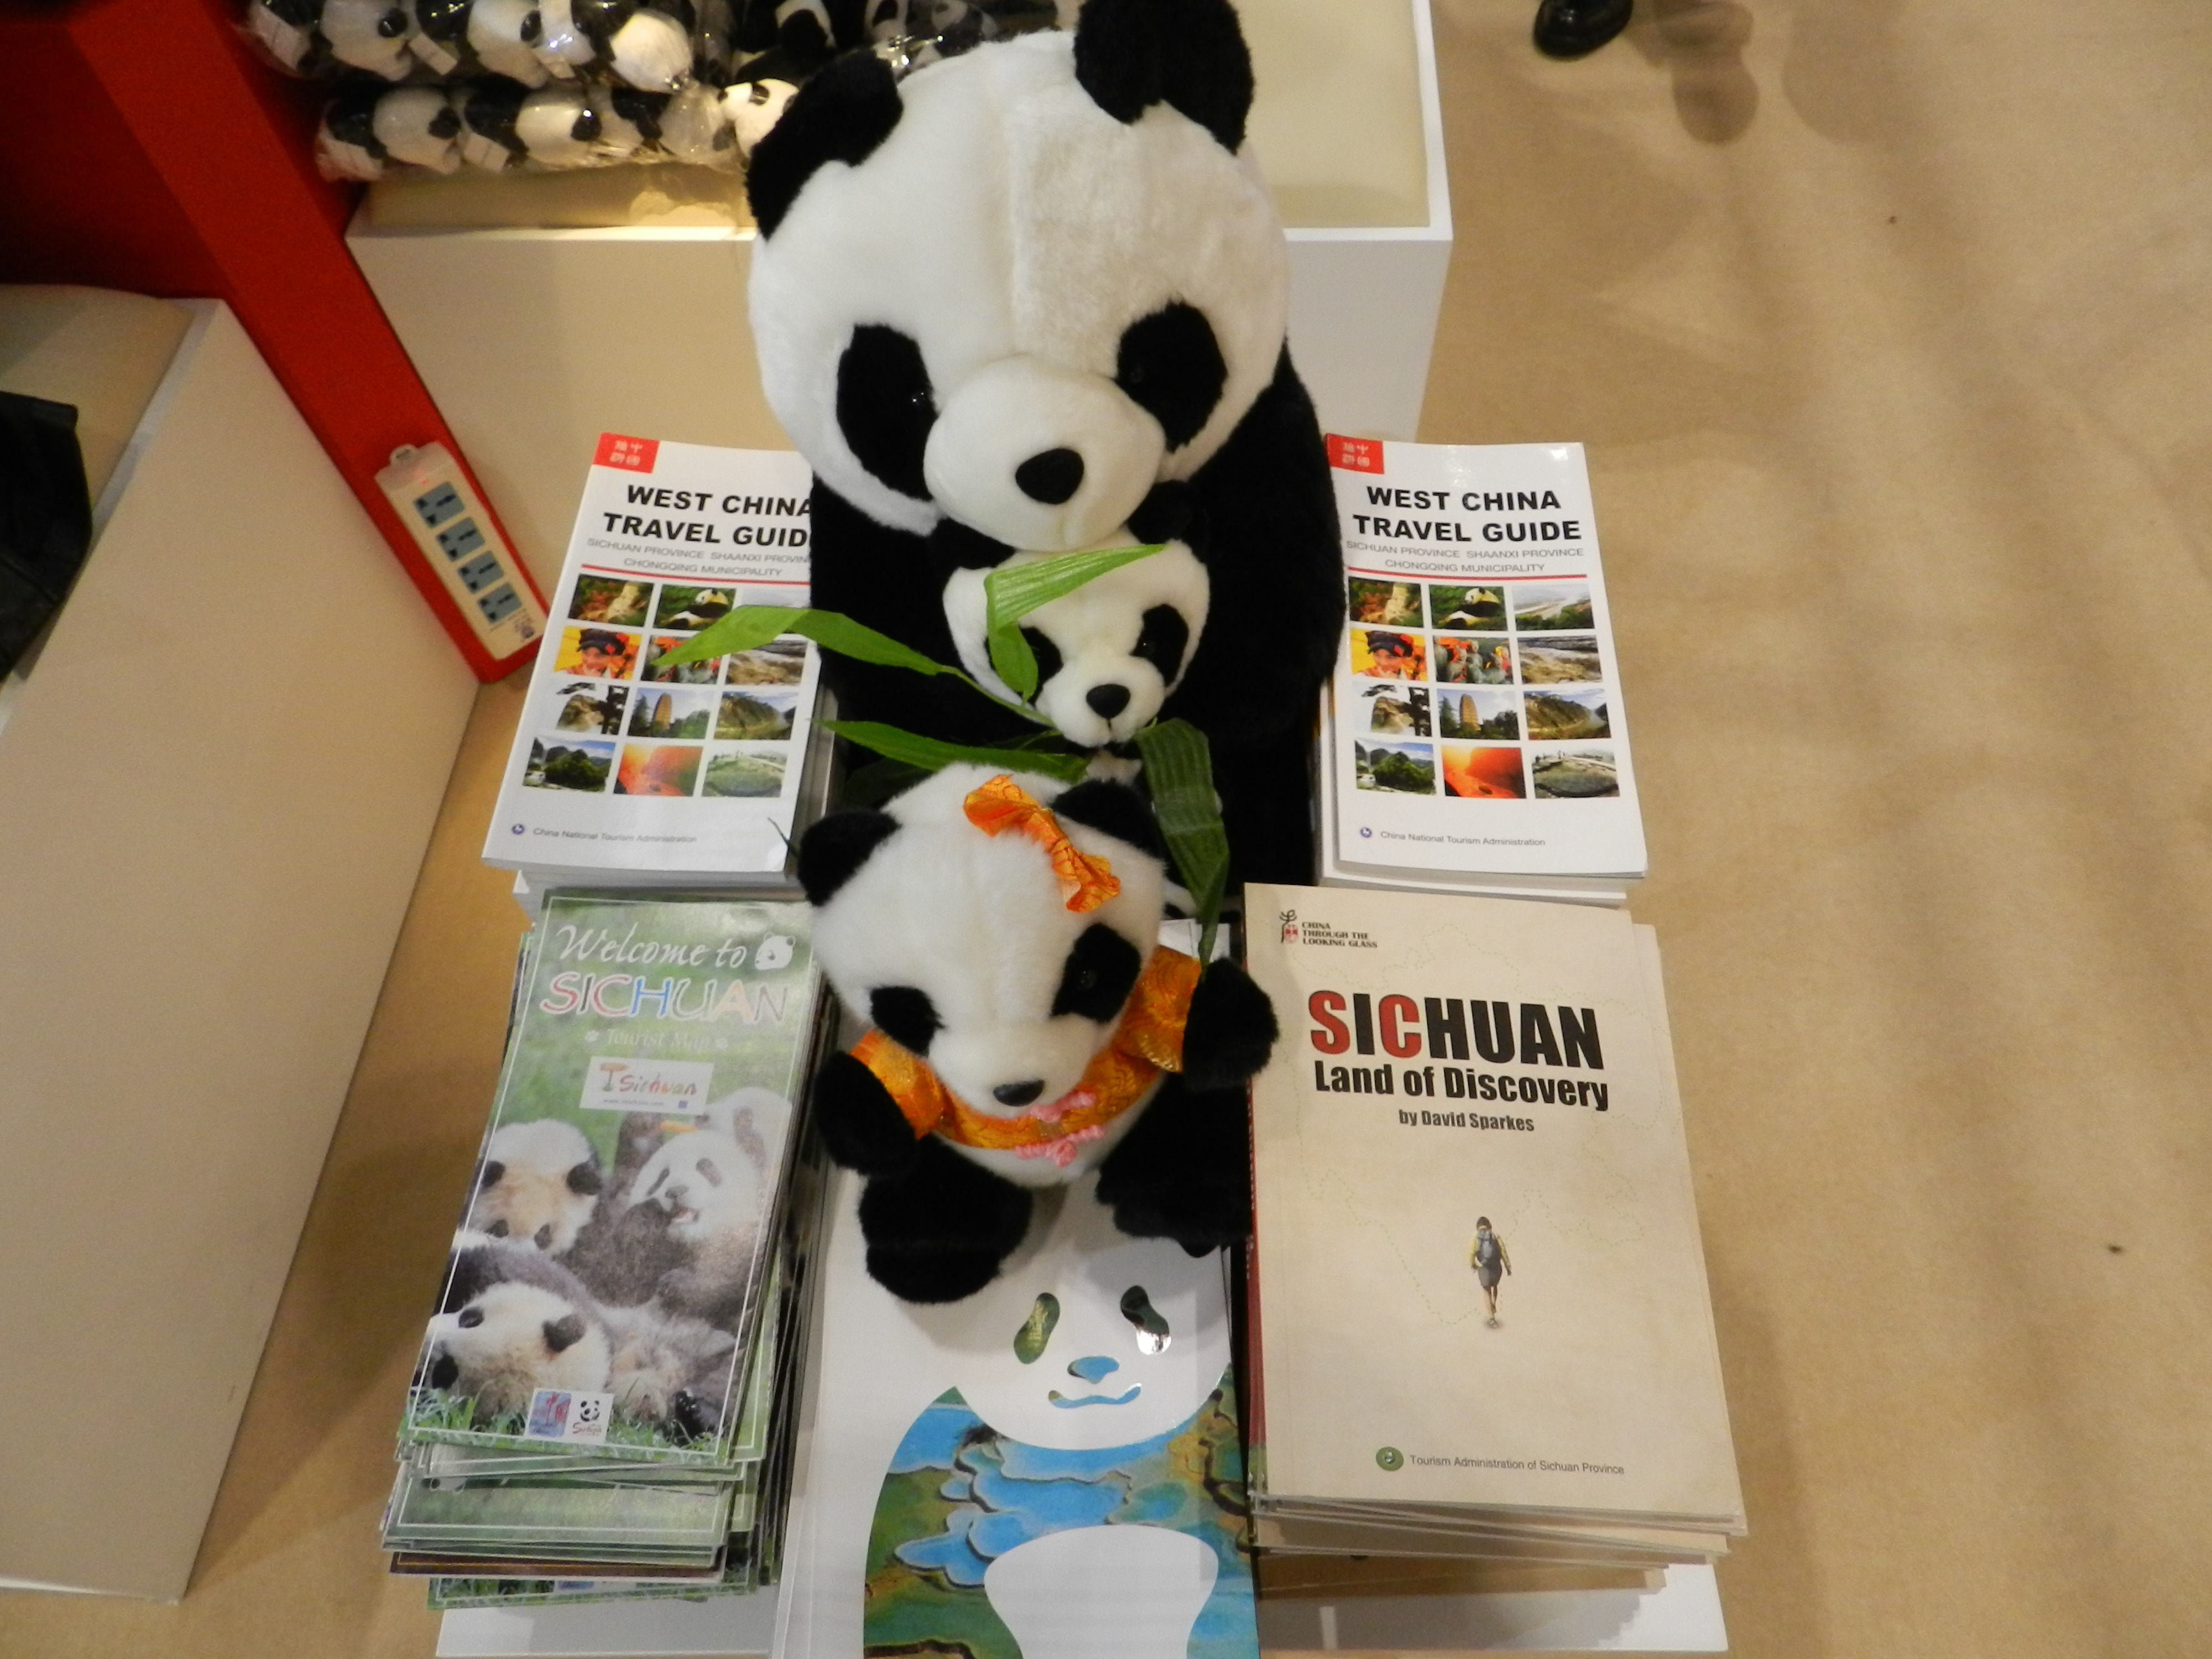 天府四川 熊猫故乡 亮相2014伦敦国际旅展